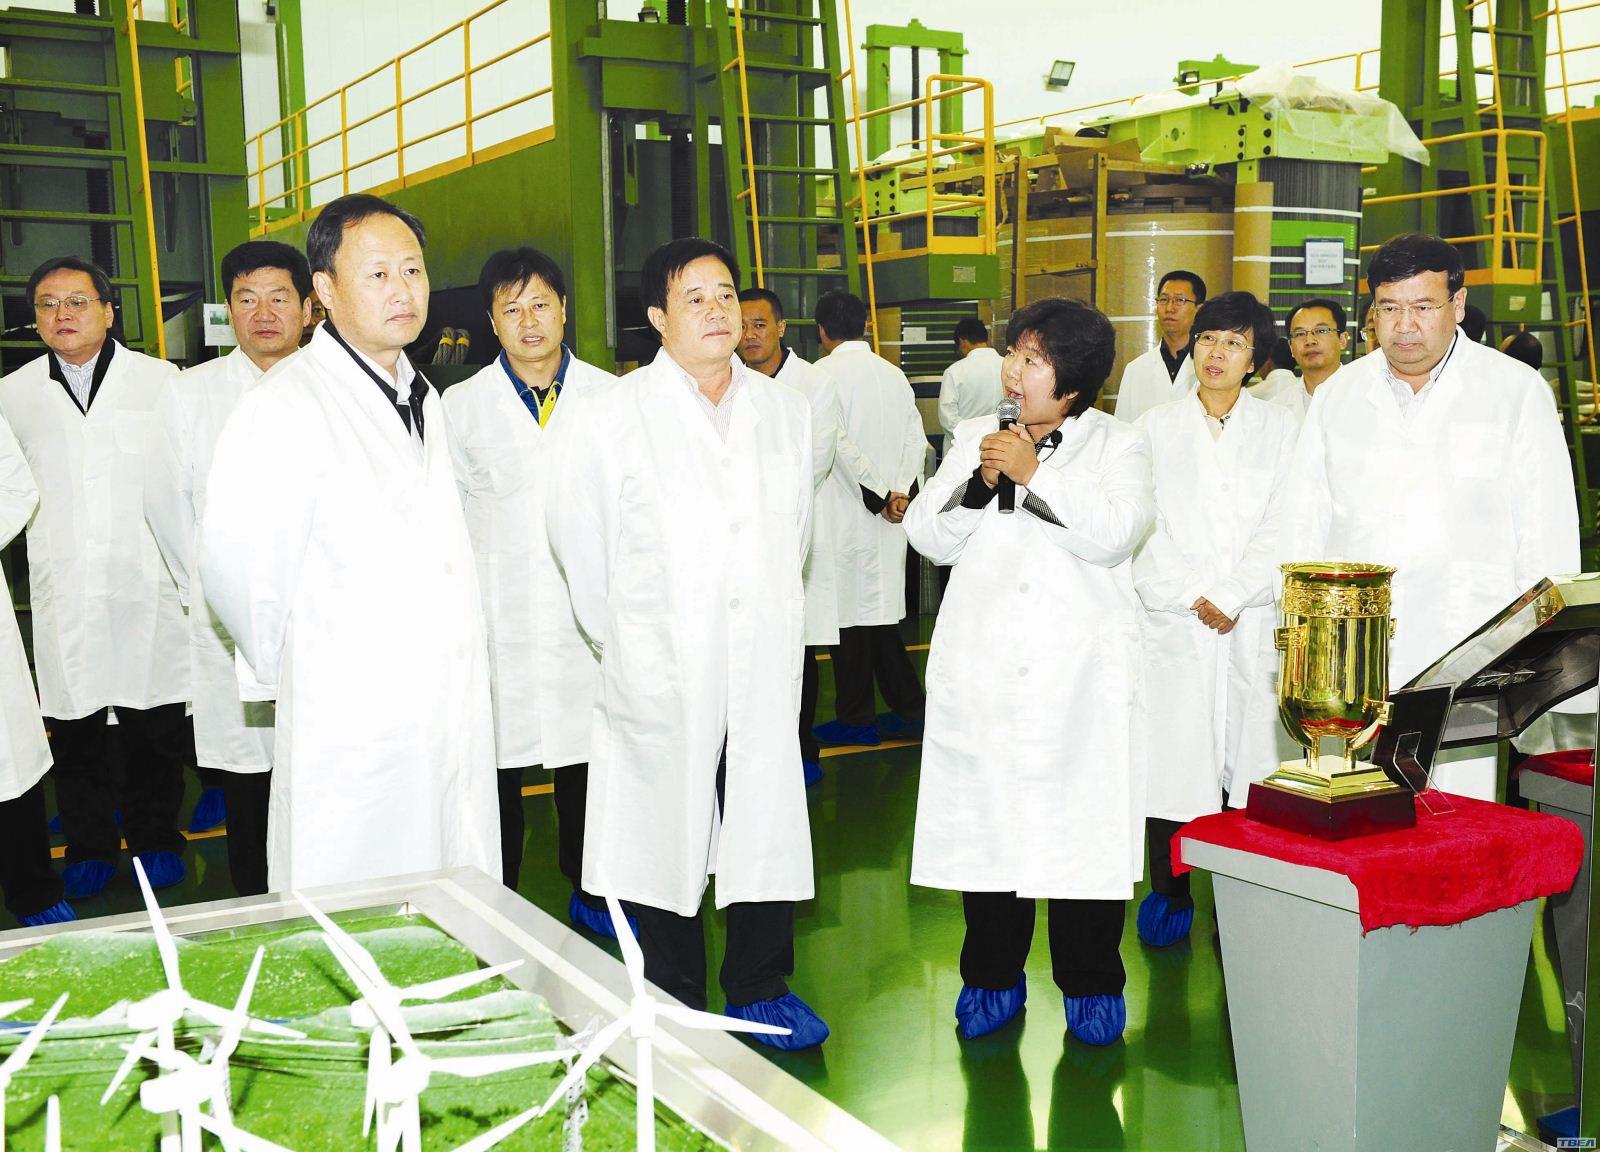 在特变电工总部科技研发基地的展板前,徐书记饶有兴致地观看起来.